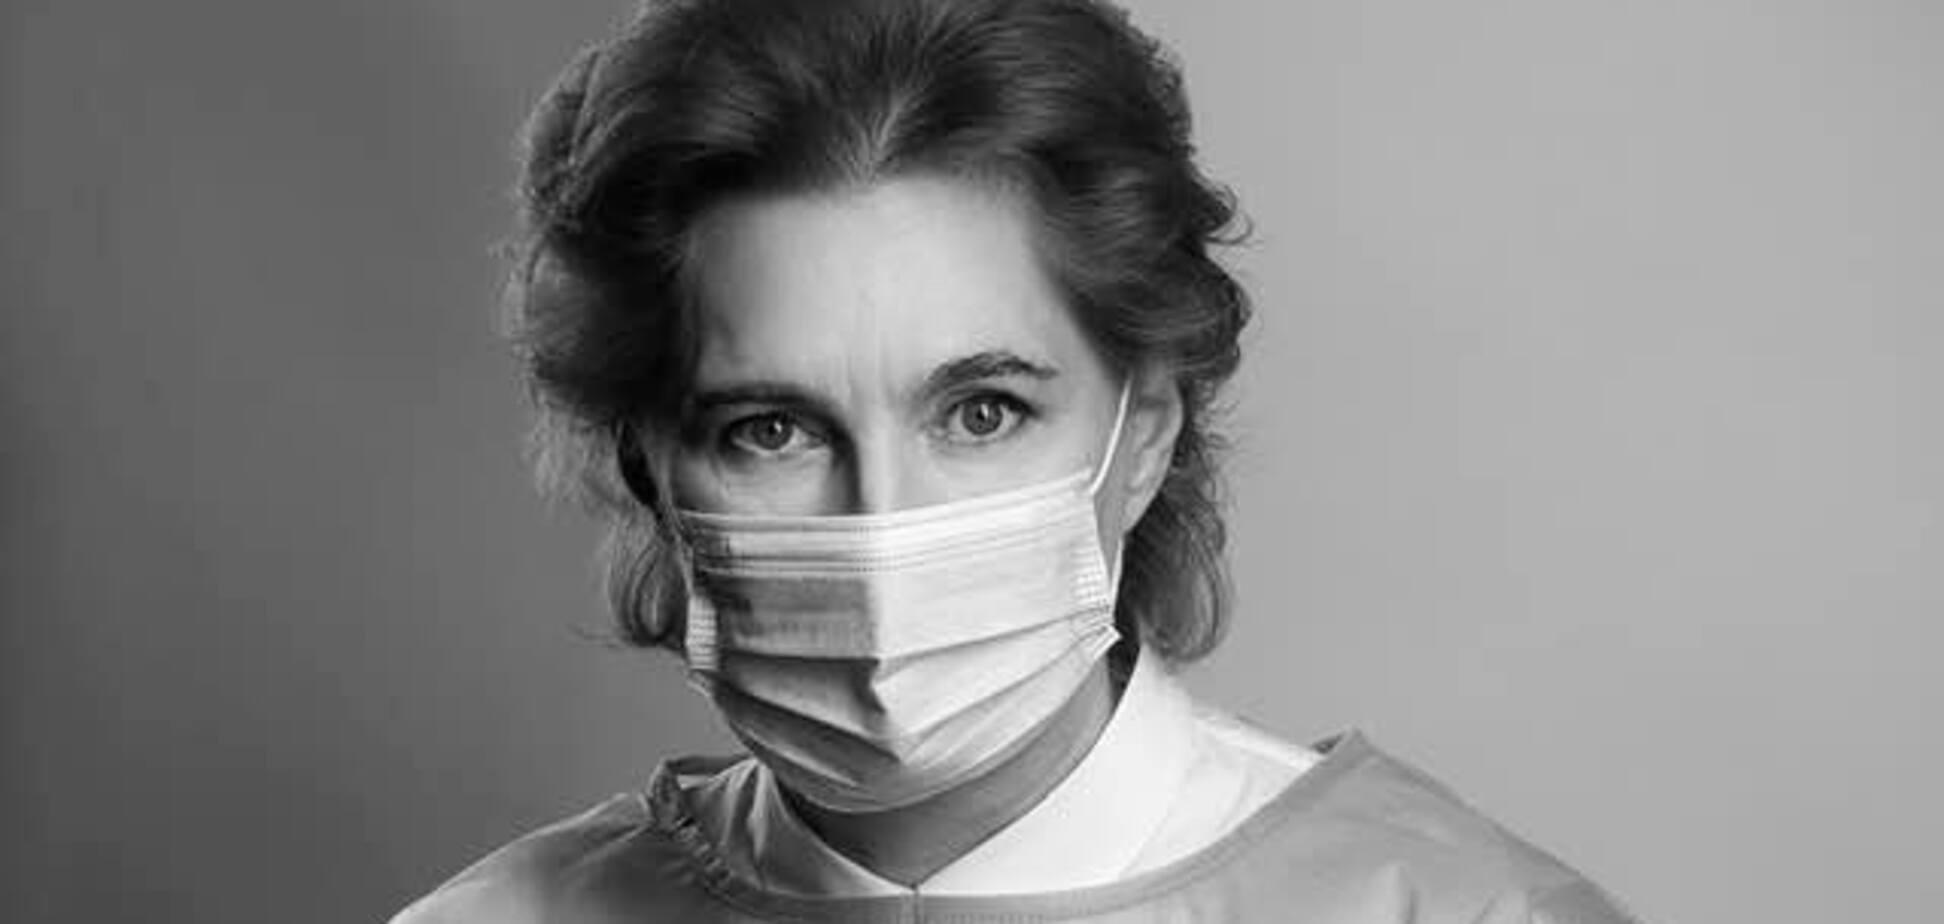 Коронавірус в Україні: ще не все у нас позаду, ще будуть непрості часи